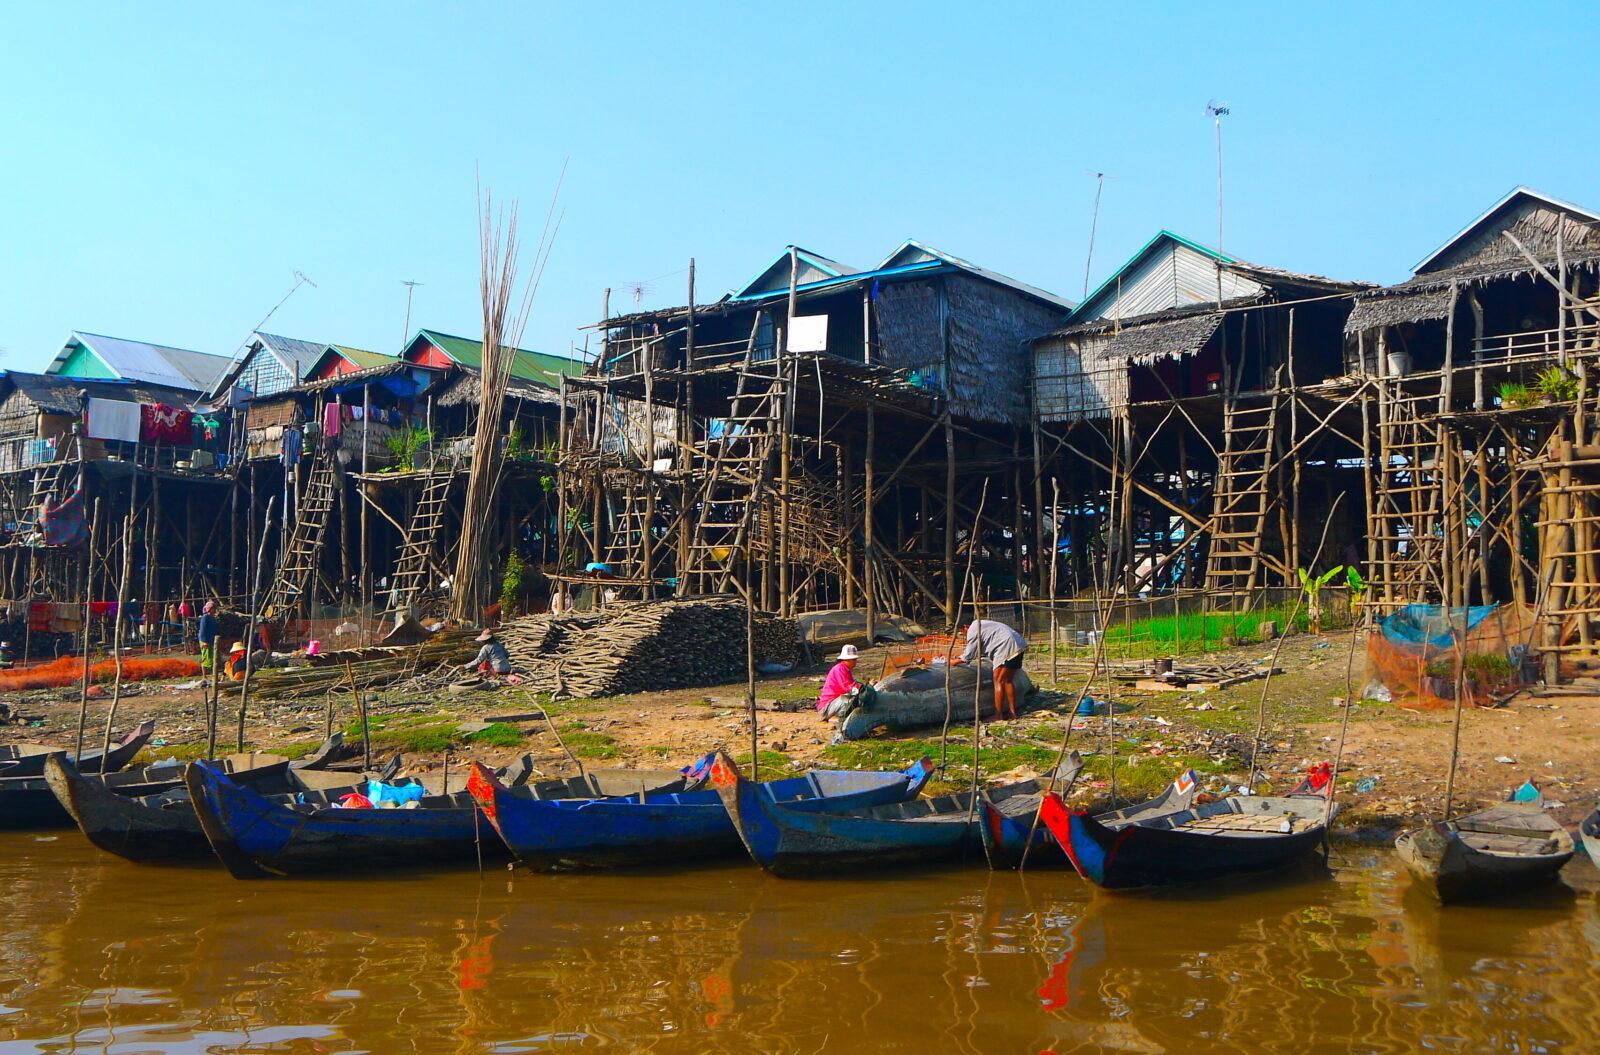 Bysamfundene er bygget på pæle langs og nær Mekong Flodens bredder